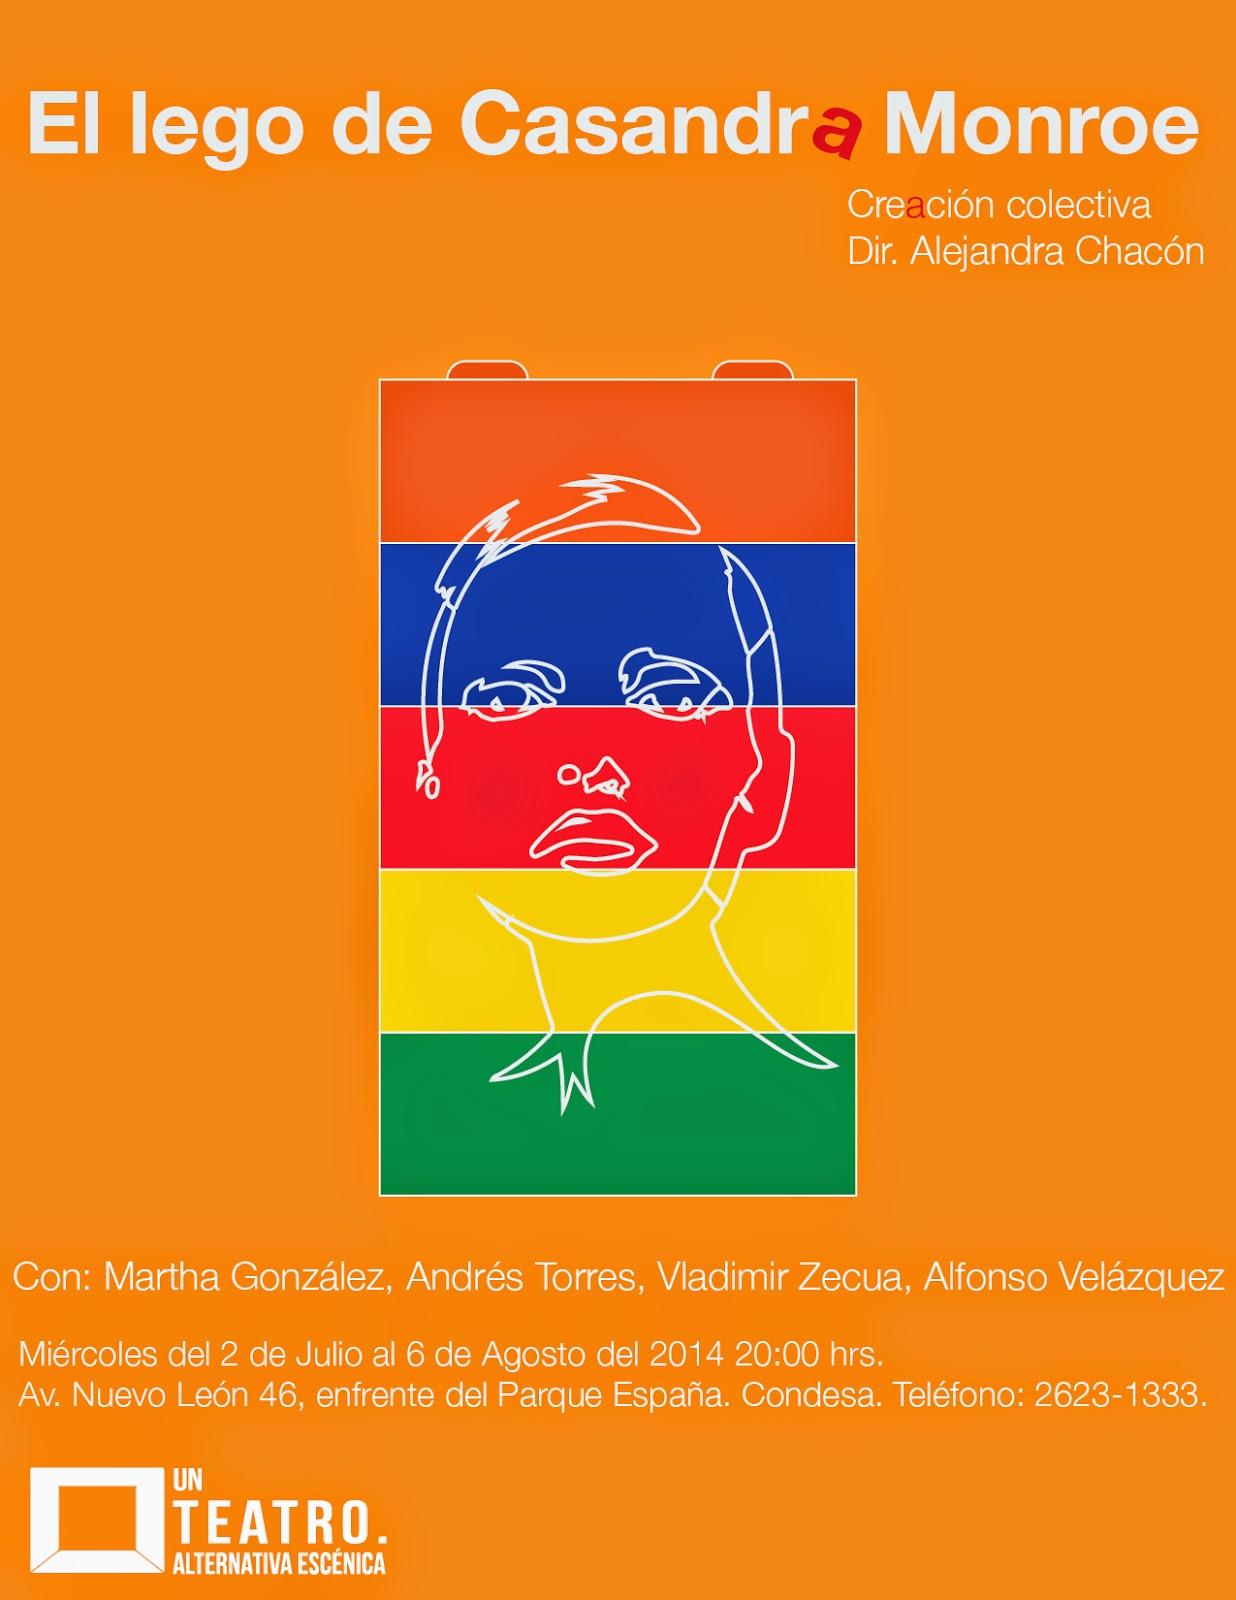 El lego de Casandra Monroe en Un Teatro. Alternativa Escénica